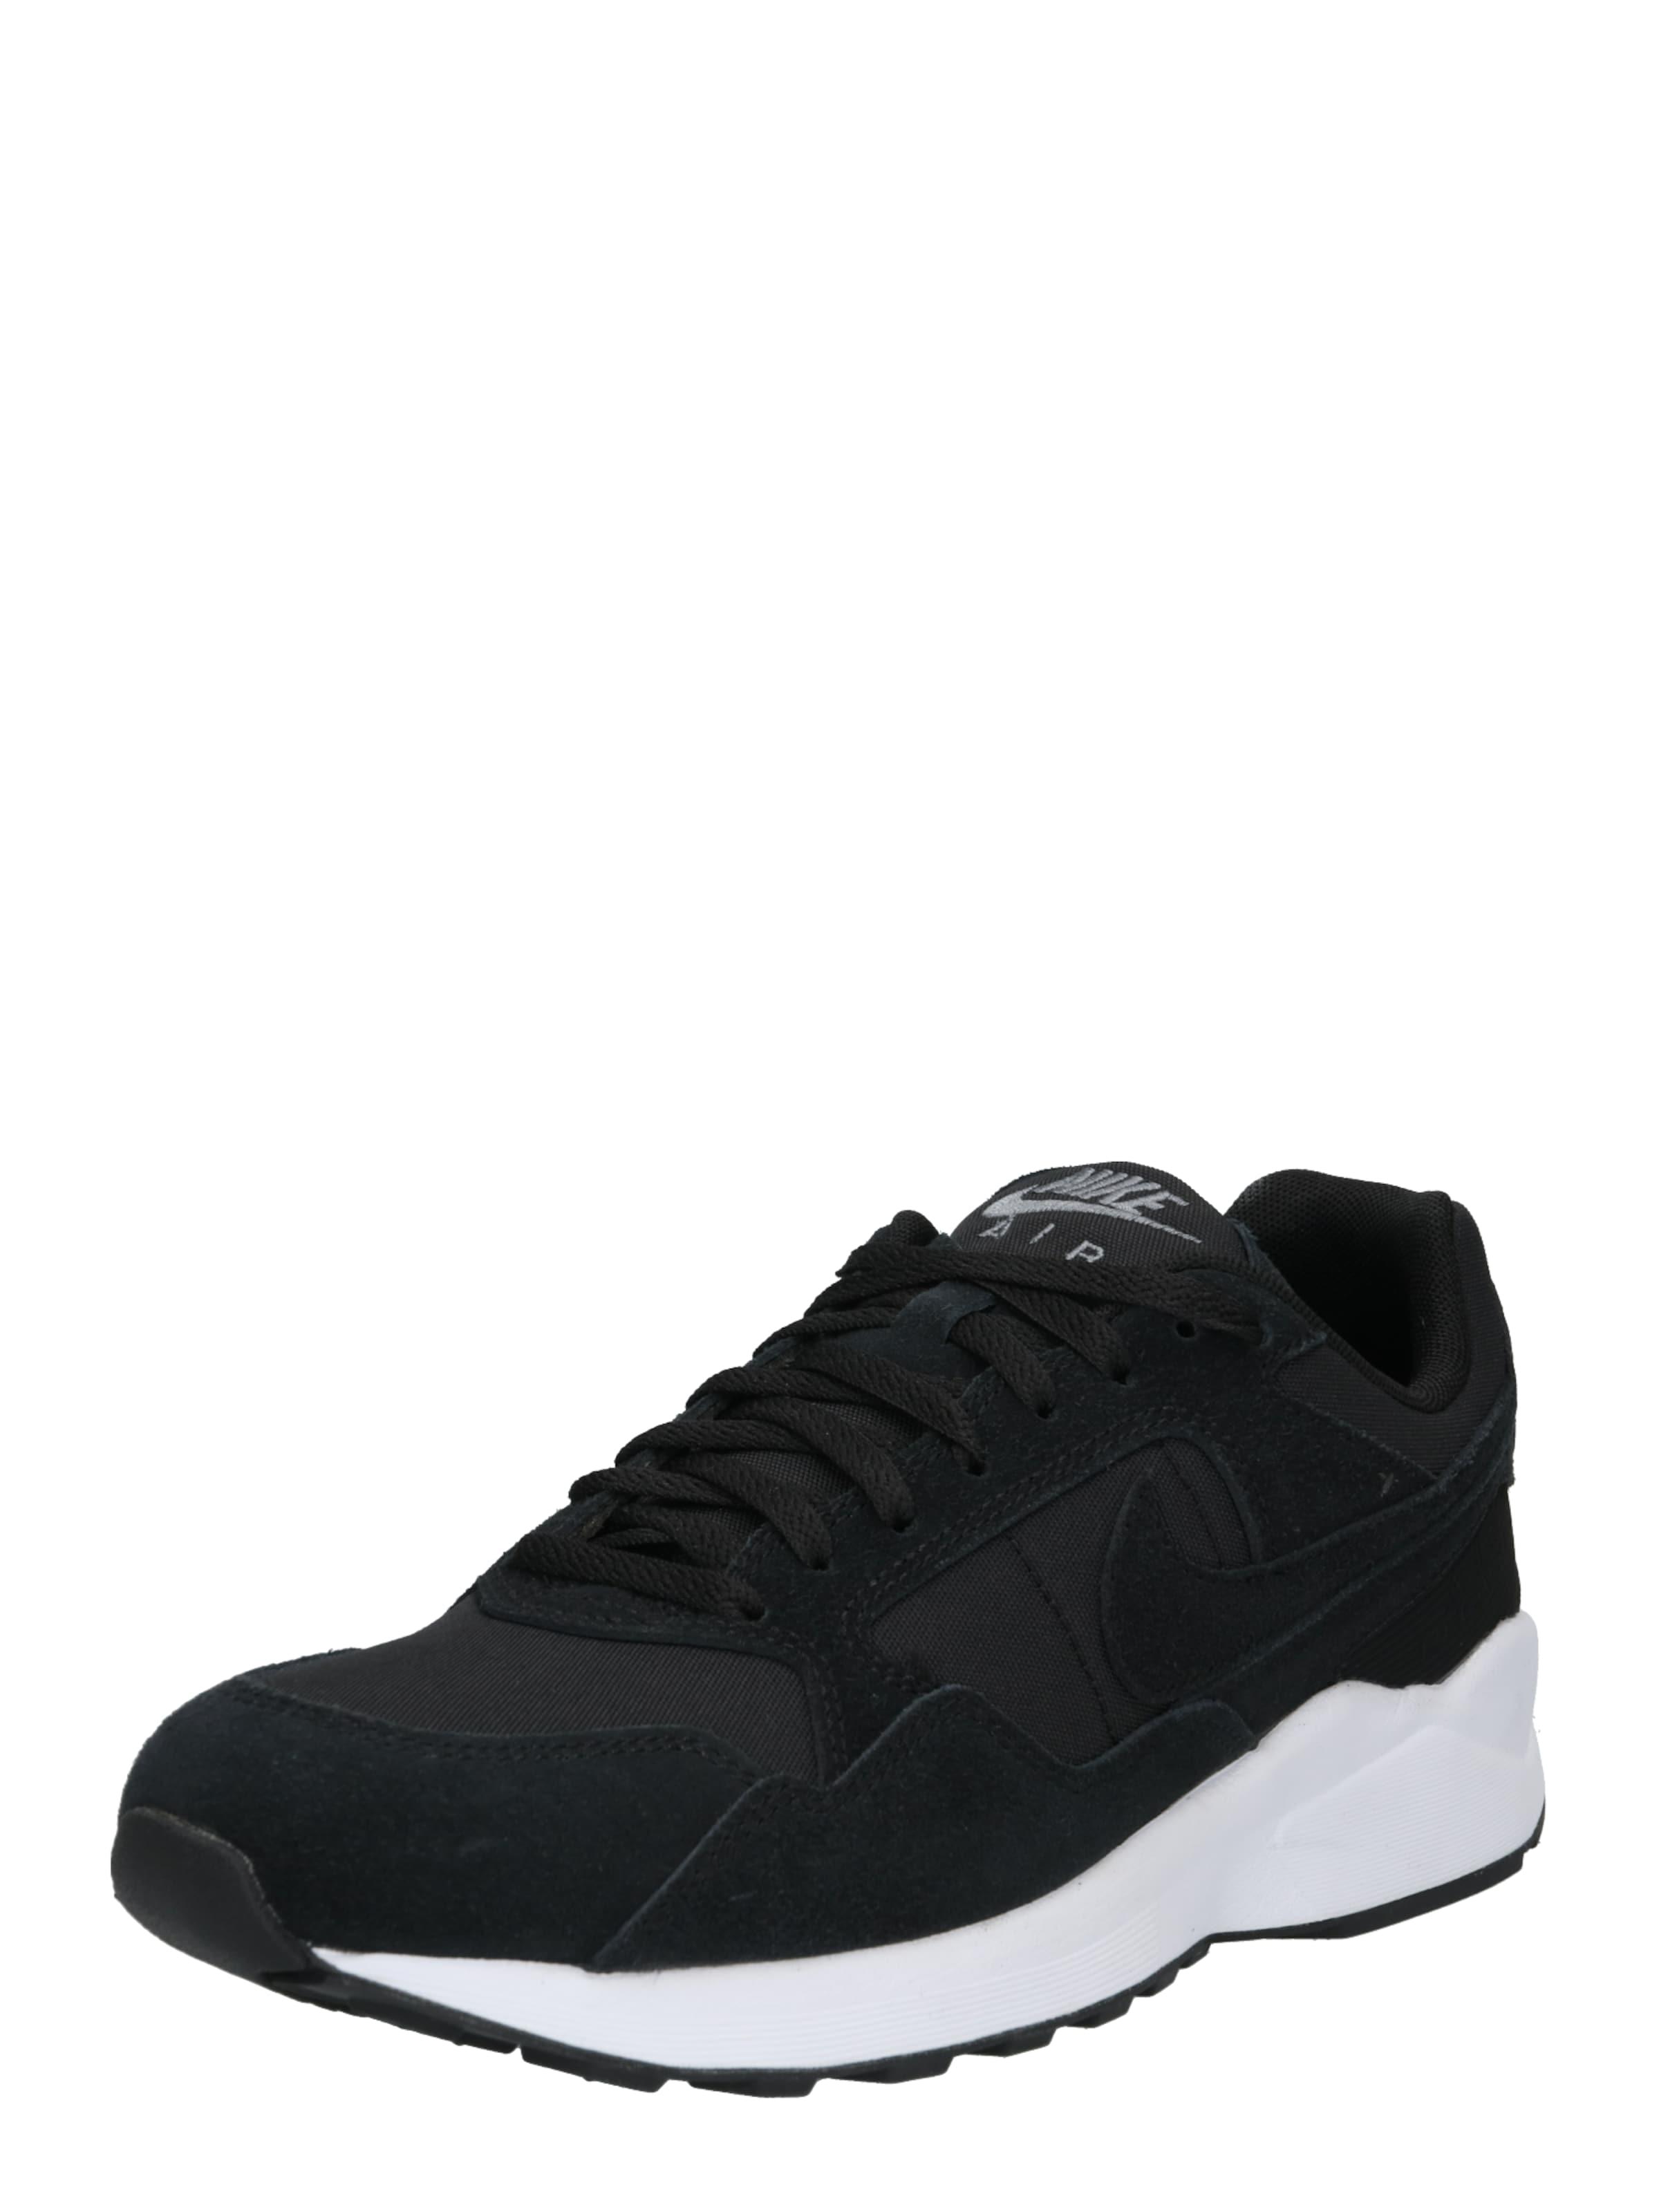 '92 Sportswear Se' Sneaker Pegasus 'air SchwarzWeiß Nike In Lite IbgvyYf76